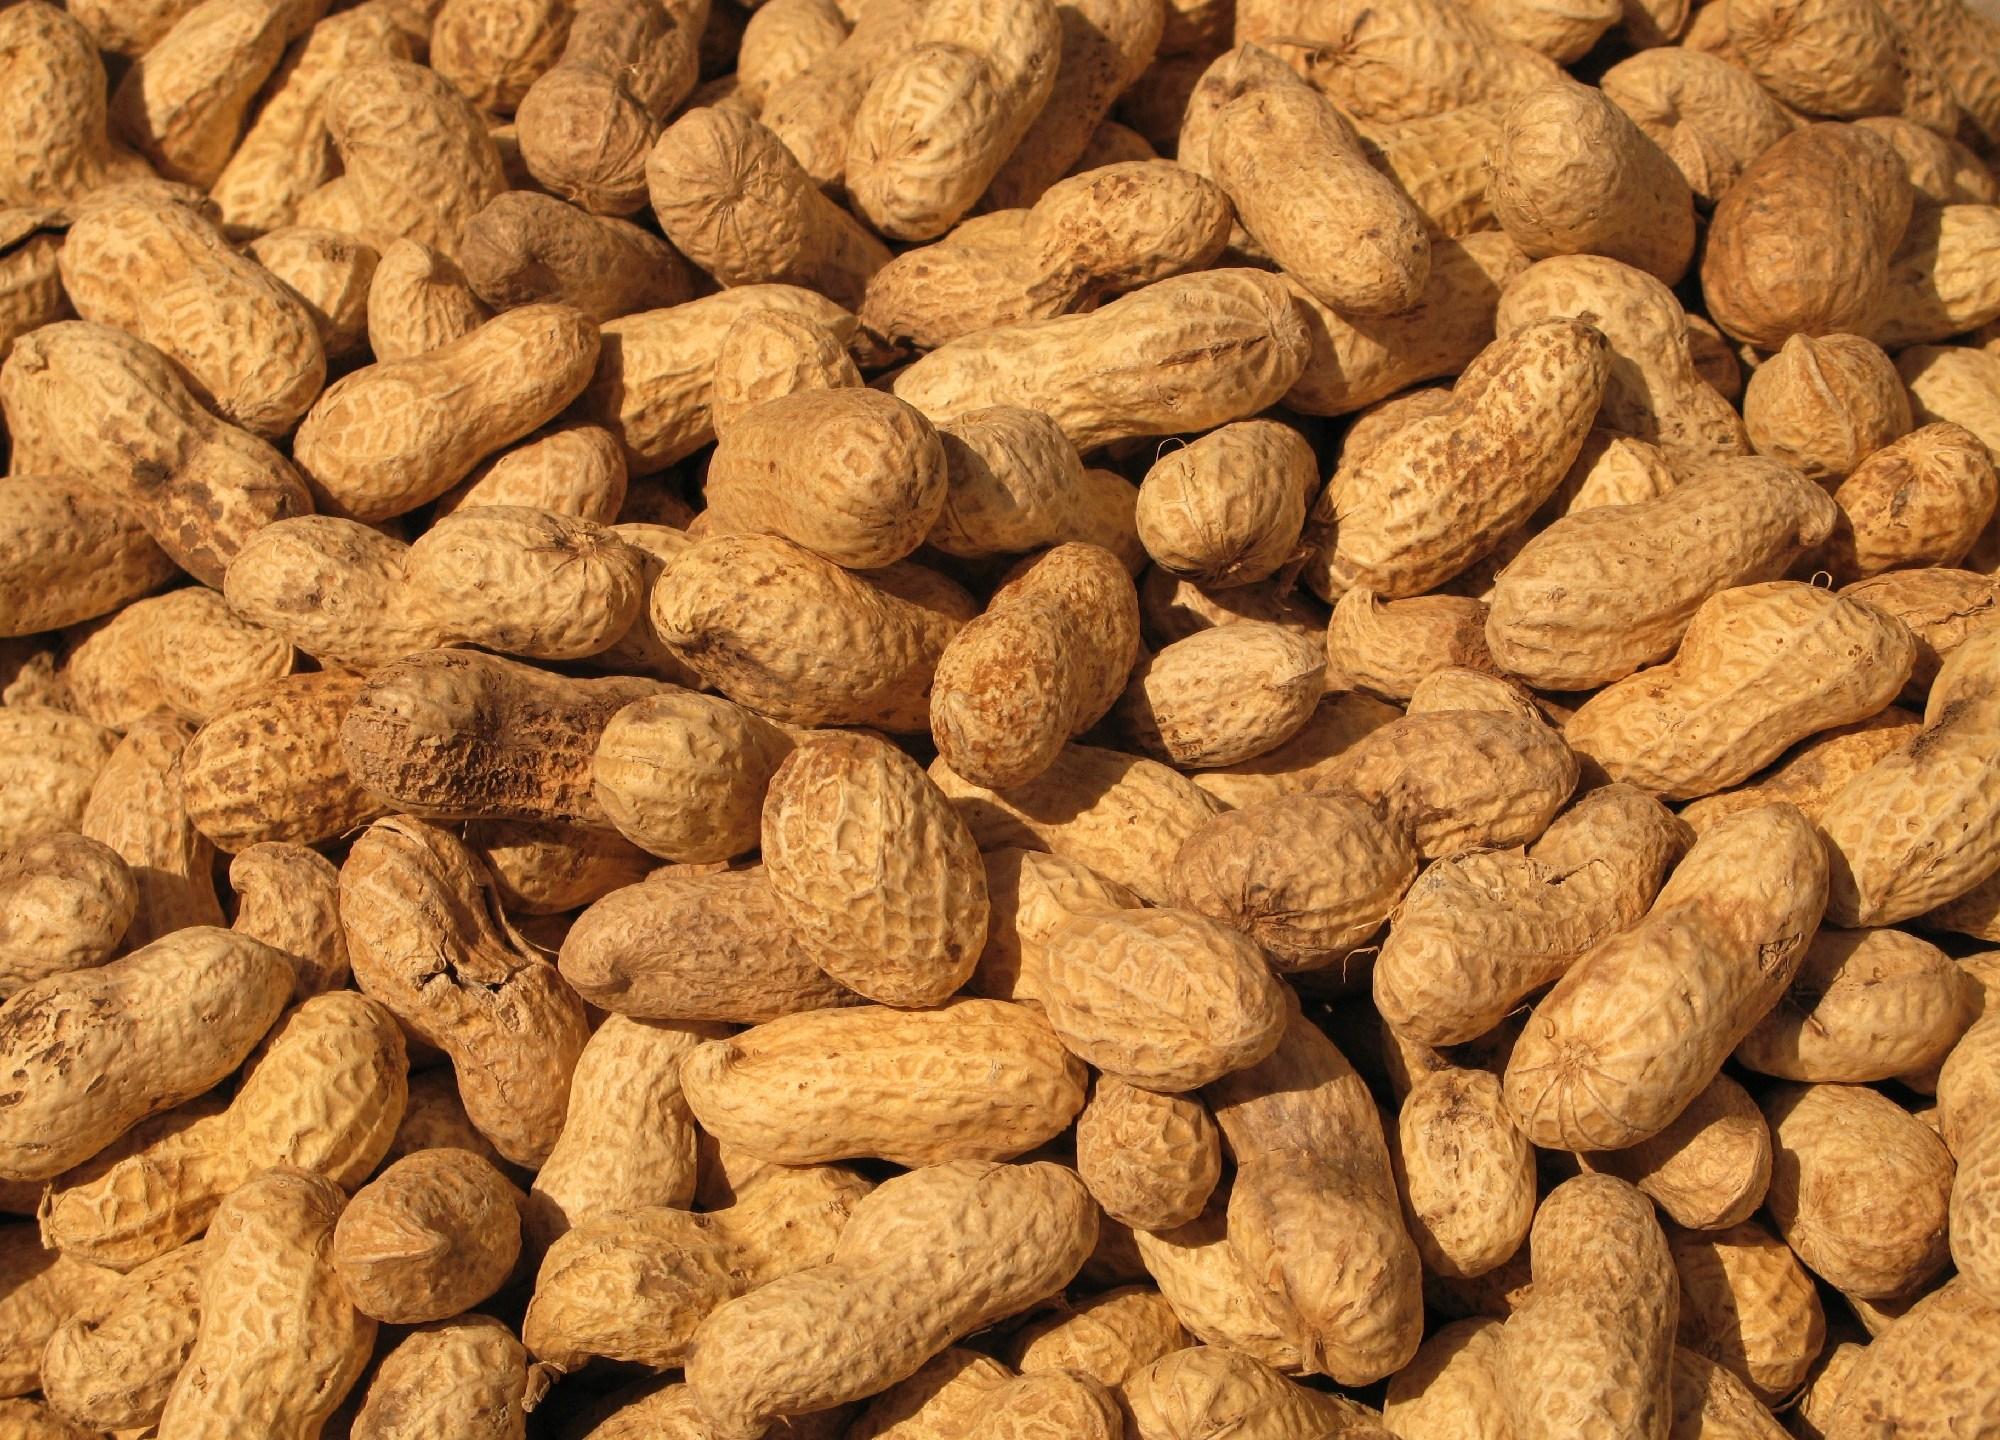 Grumpy-Foods---Peanuts-jpg_42593_ver1_20170105124202-159532